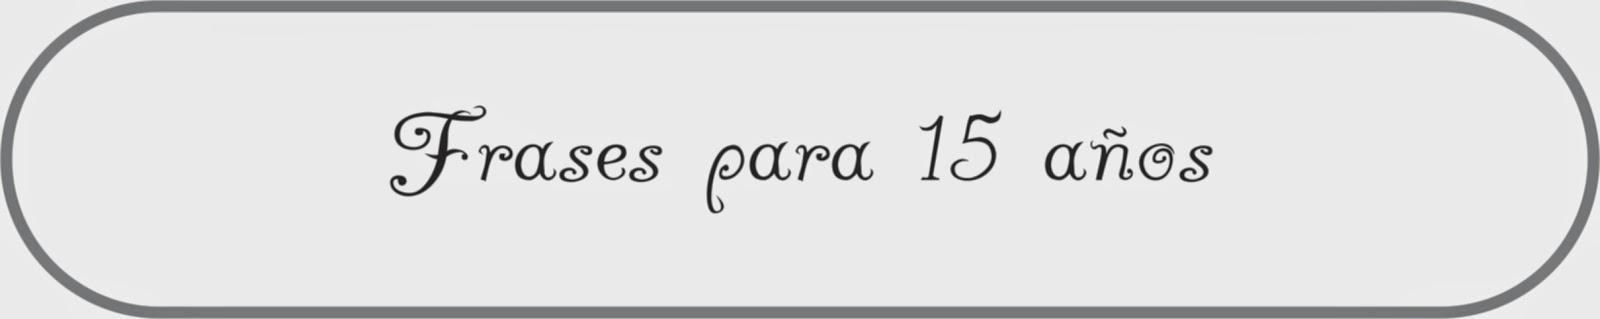 http://4unico.blogspot.com.ar/2009/04/frases-para-15-anos.html